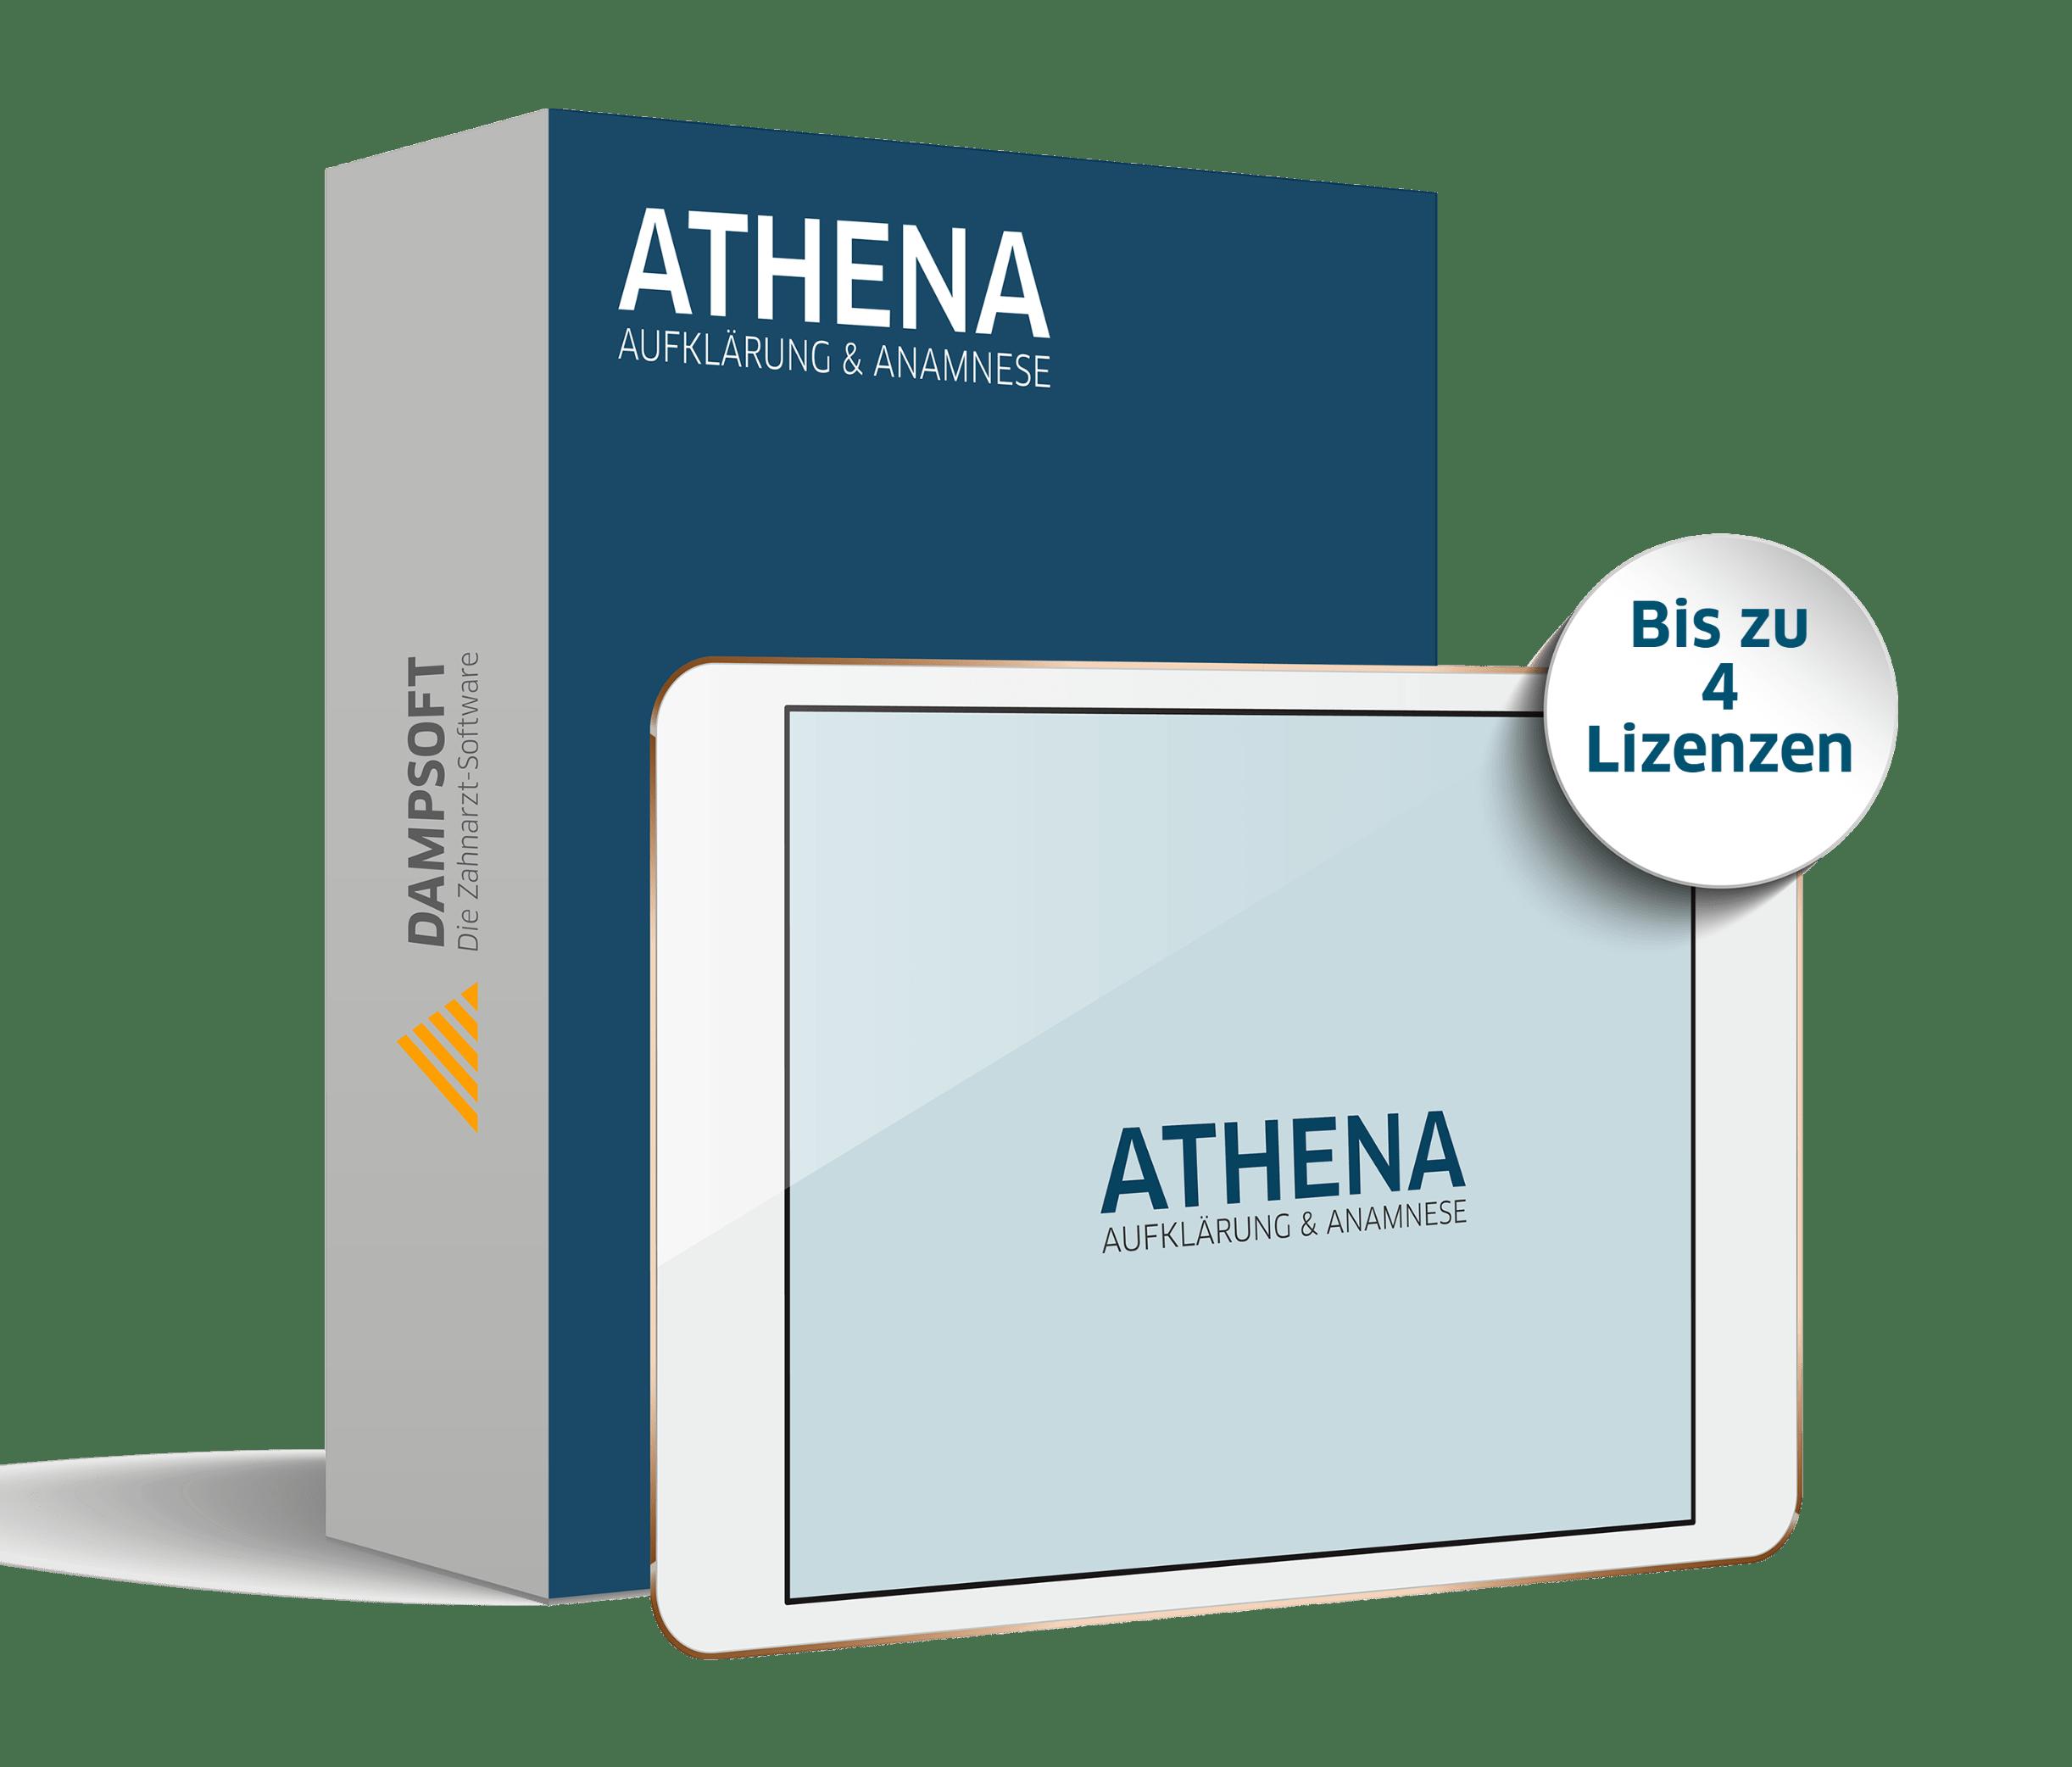 Athena_Leistungspaket_4 Lizenzen